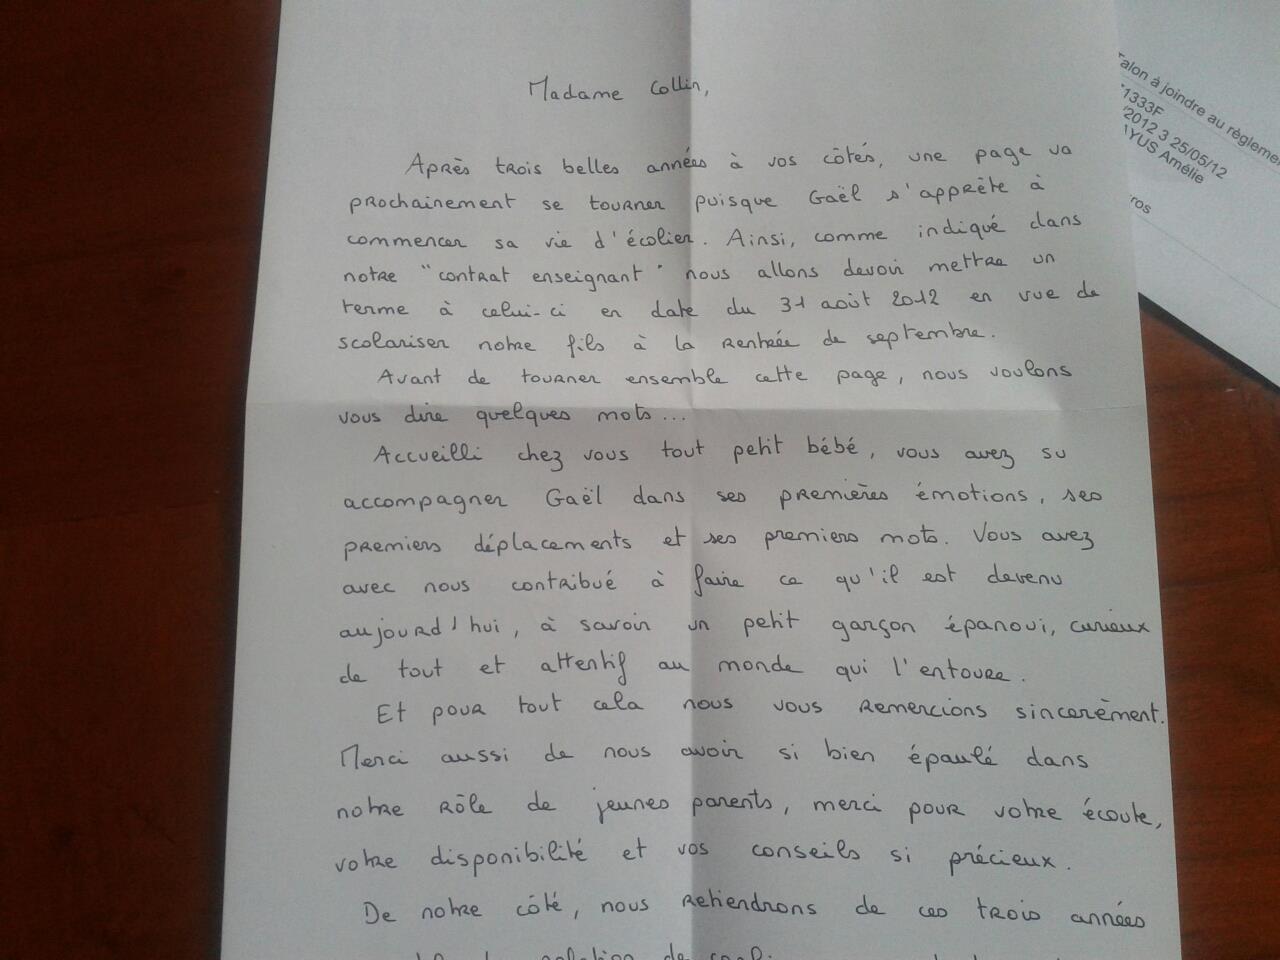 lettre de remerciement fin de contrat